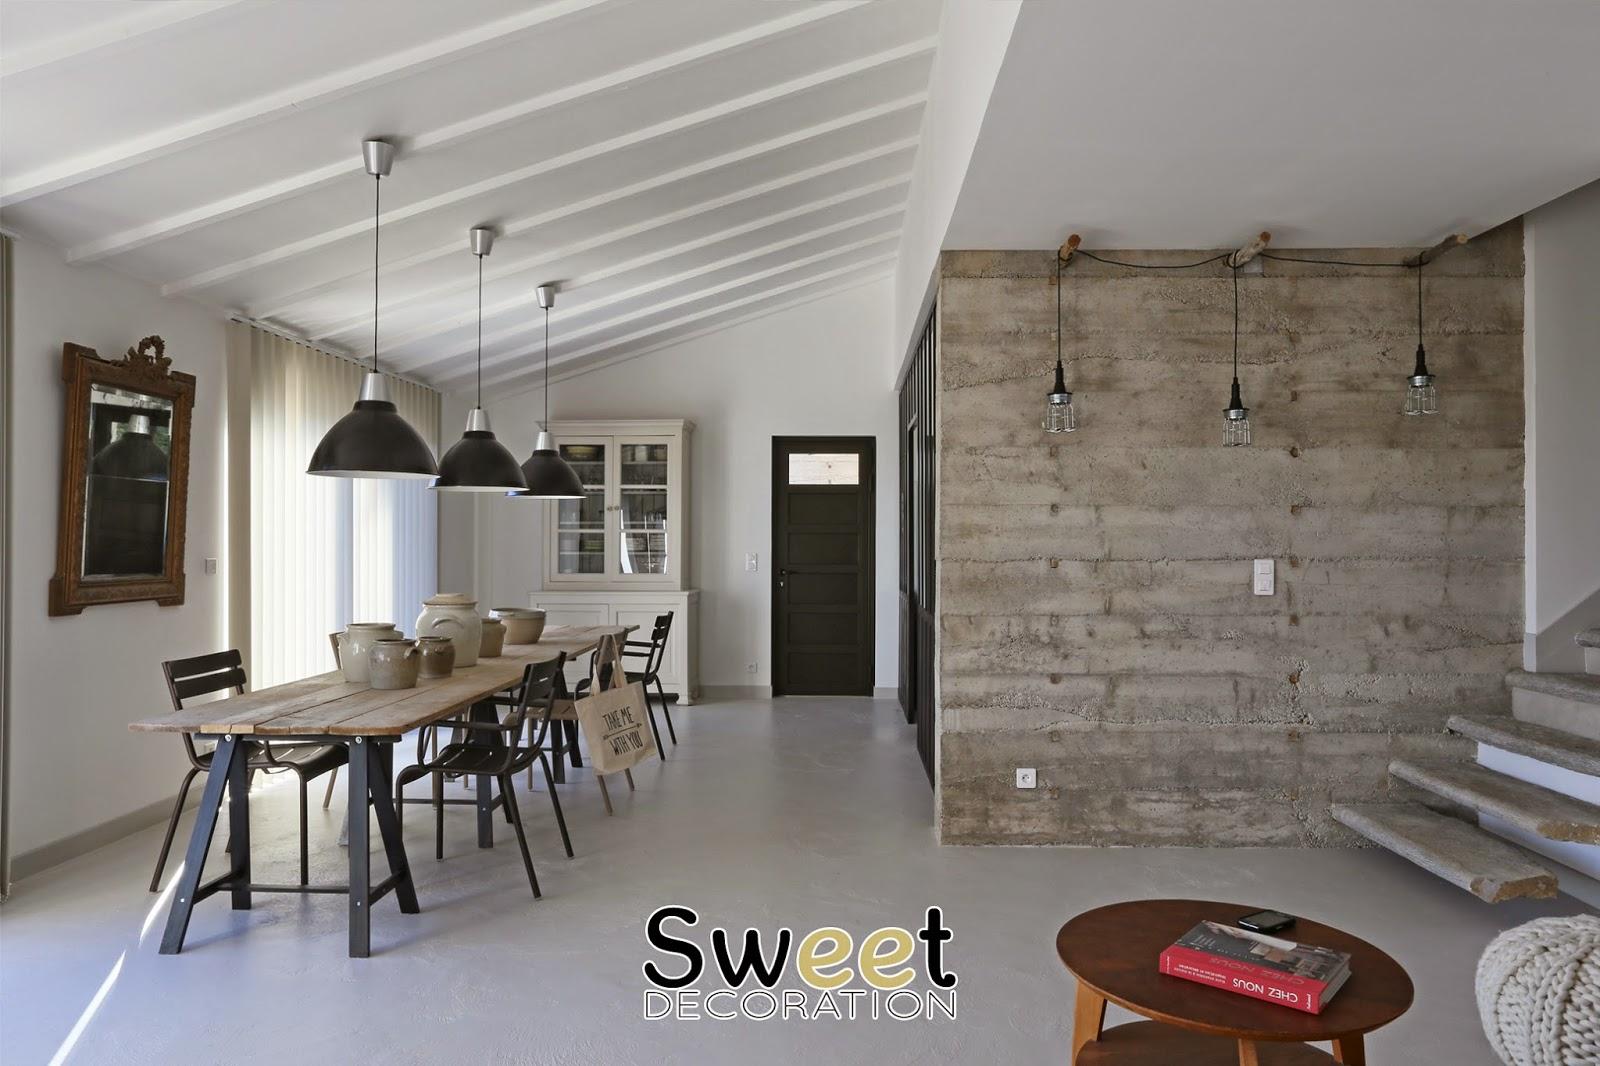 Decoration Contemporaine Interieur Maison